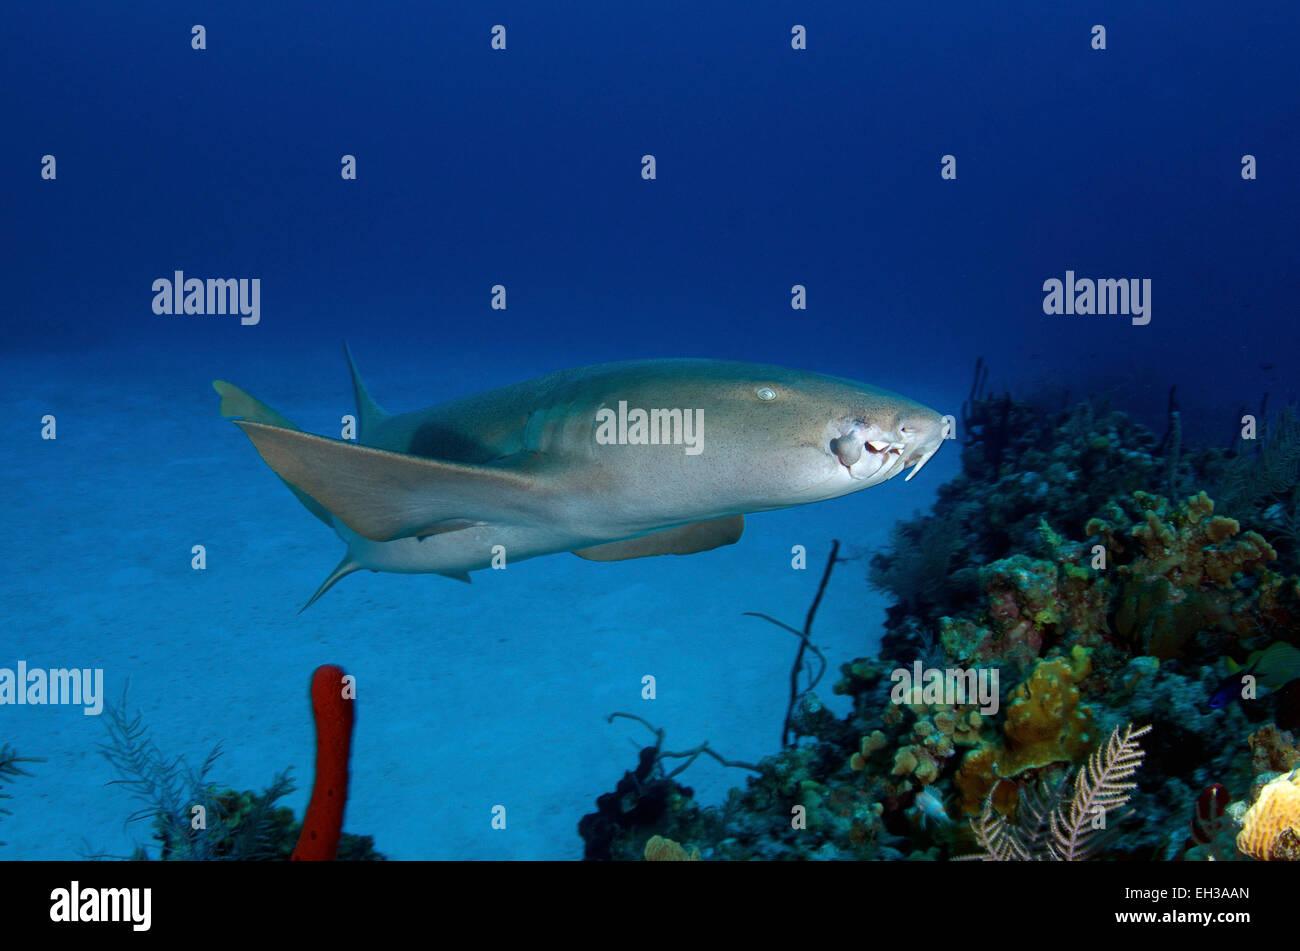 Nurse sharks and bikini atoll